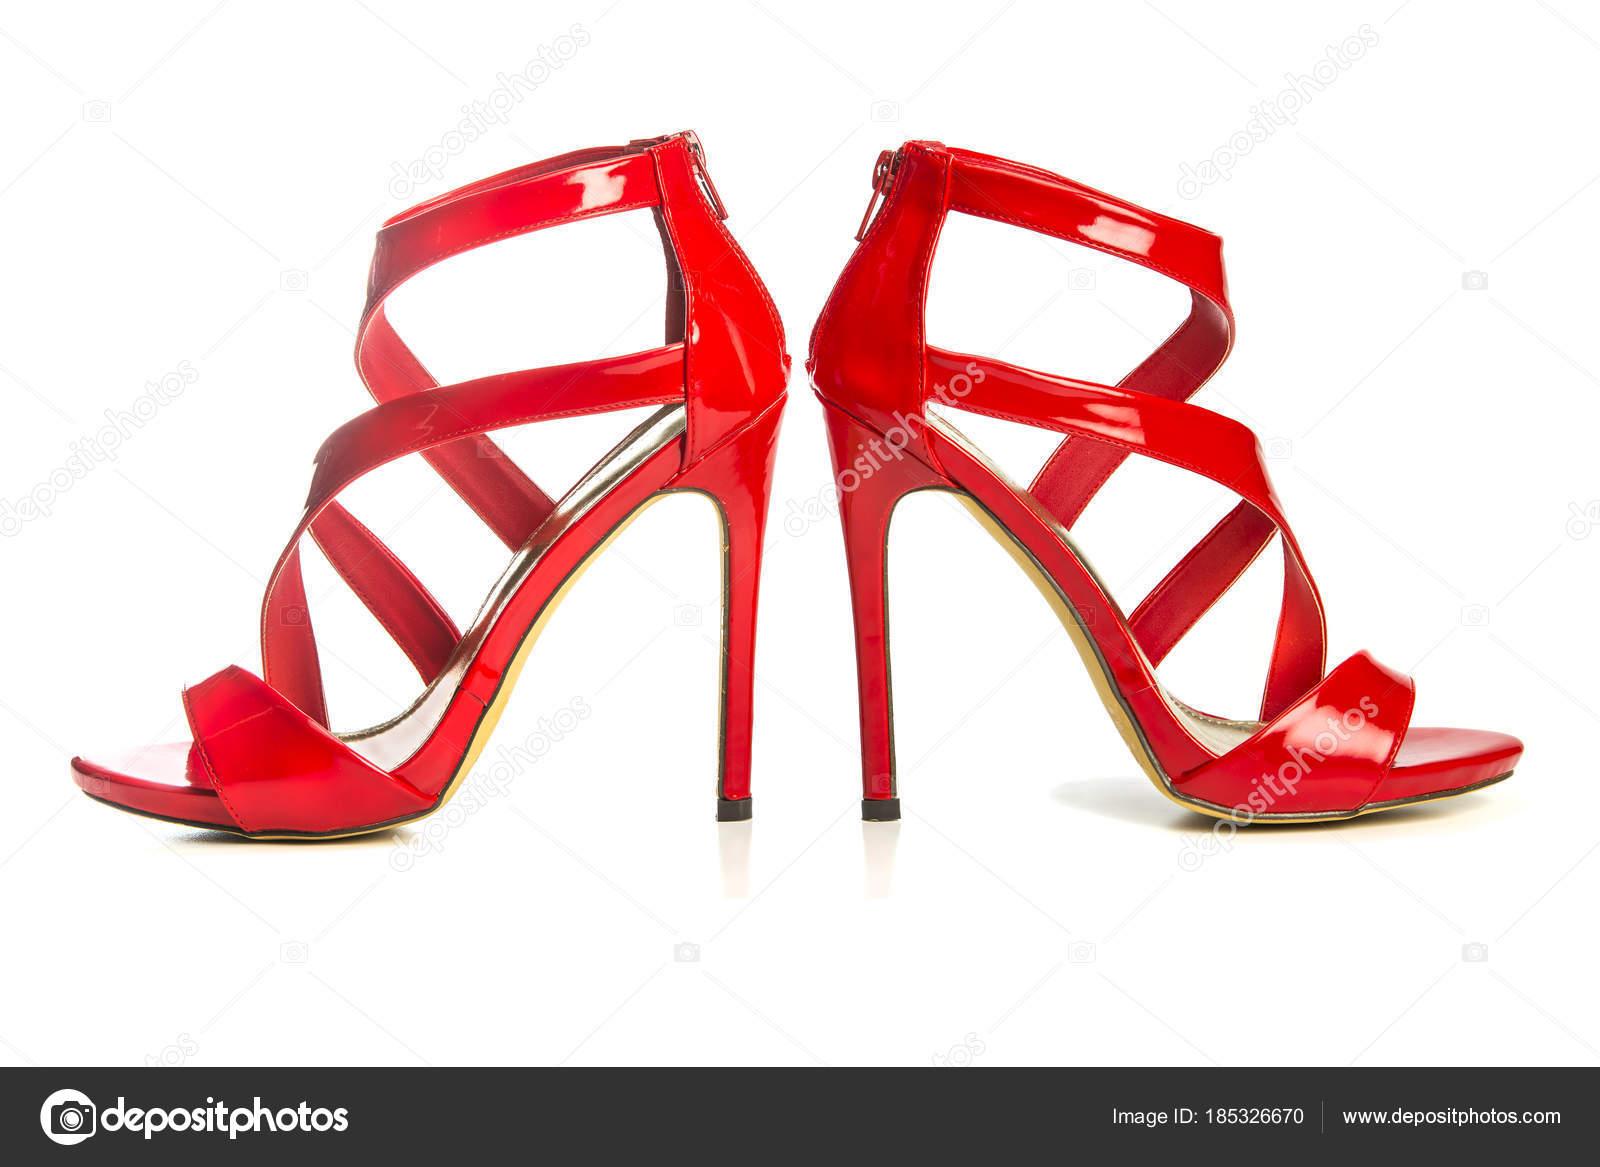 9424f018eb8e Vysoké podpatky sandálky v lesklé červené lakované kůže s plošinku chodidlo  a kotník popruh — Fotografie od ...